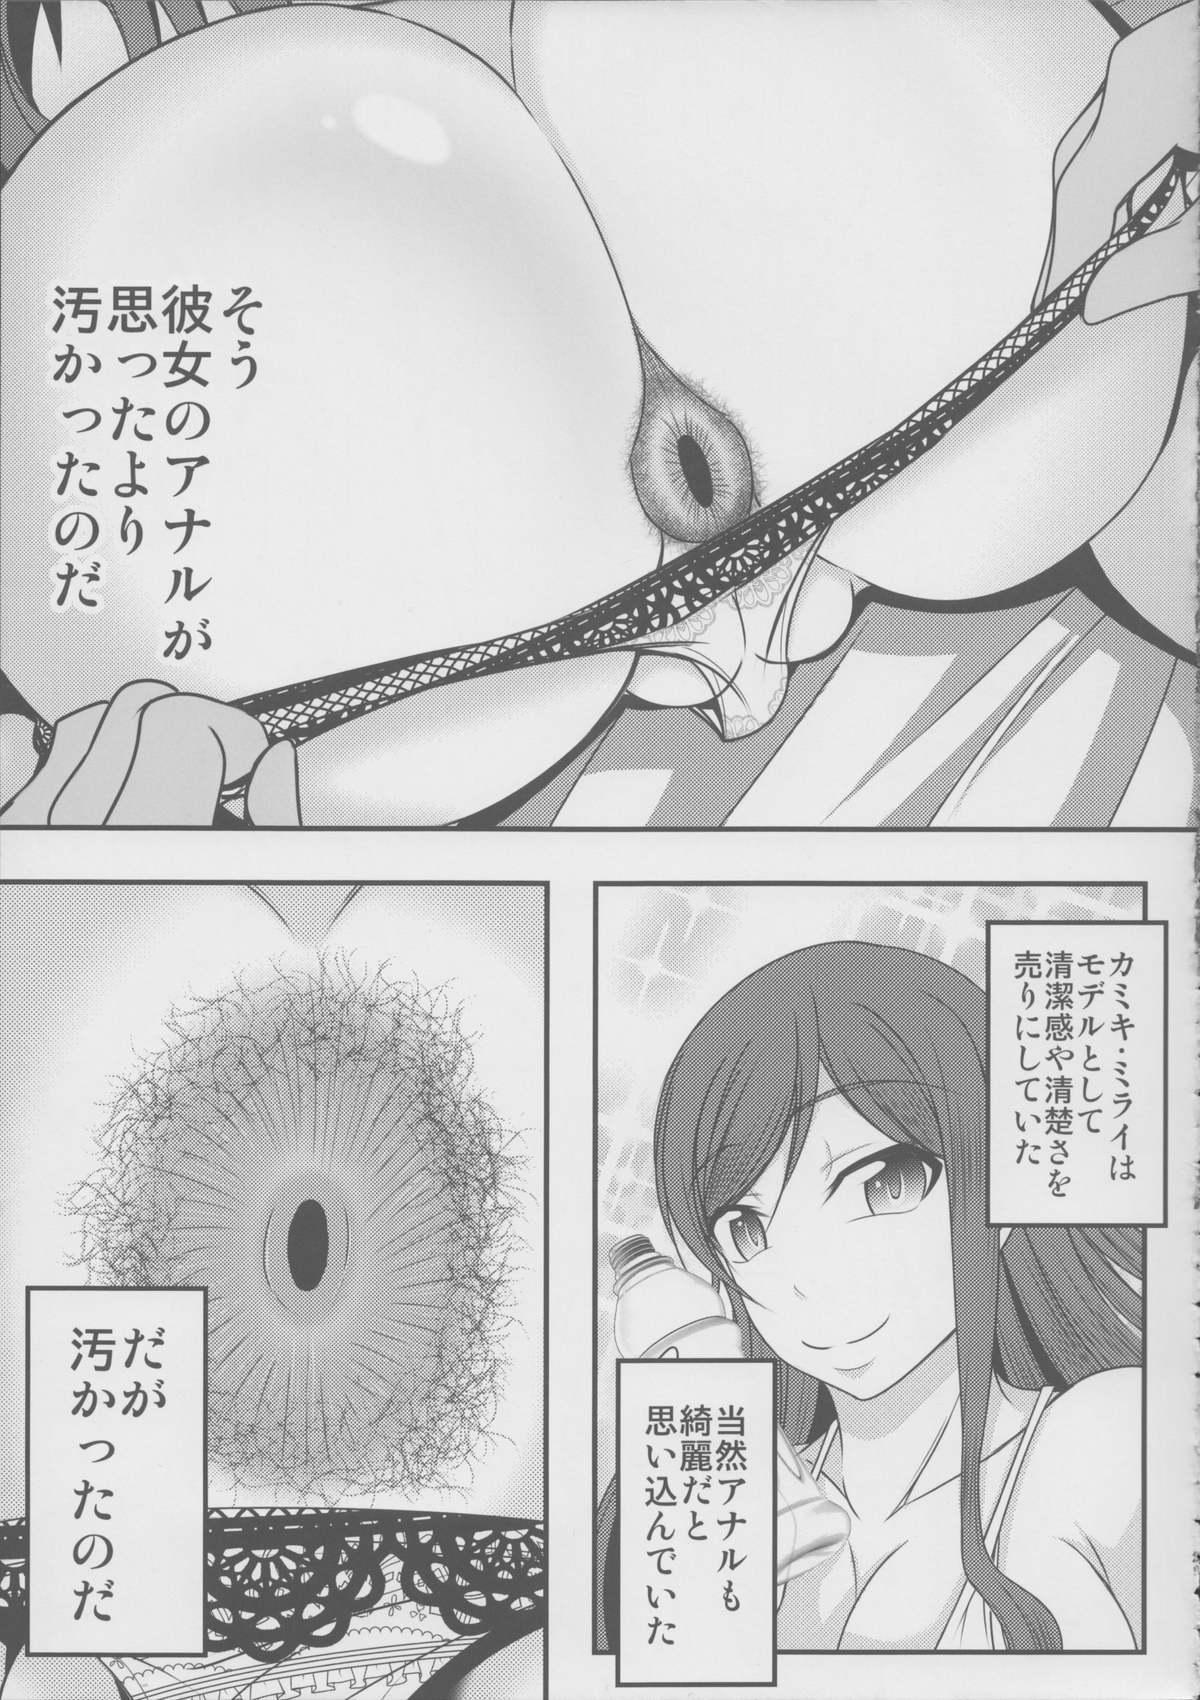 Gunpla Oji-san 19